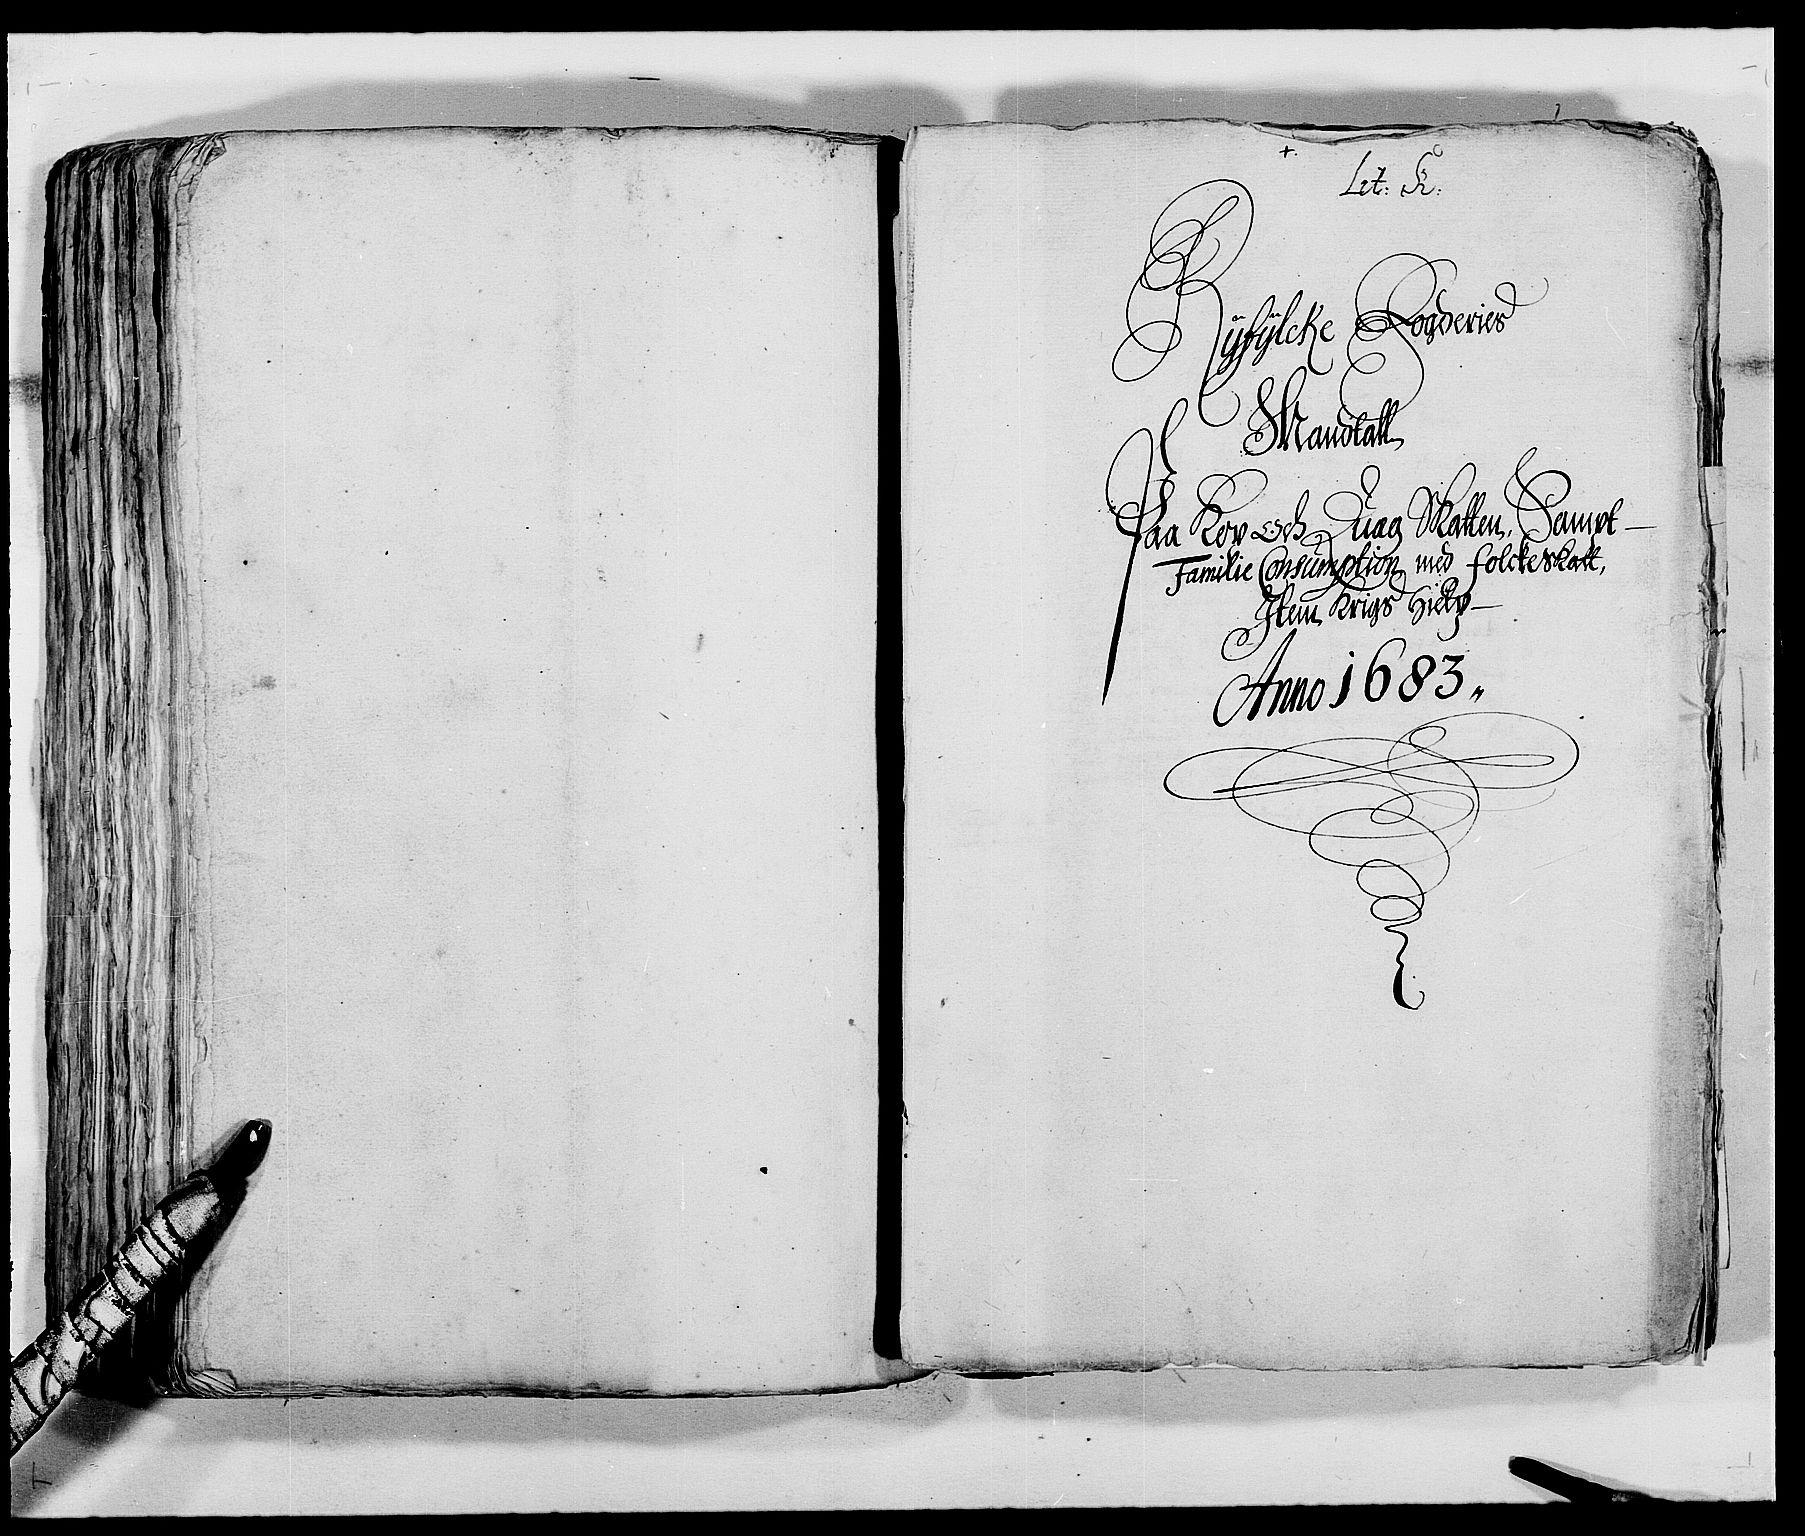 RA, Rentekammeret inntil 1814, Reviderte regnskaper, Fogderegnskap, R47/L2853: Fogderegnskap Ryfylke, 1682-1683, s. 435